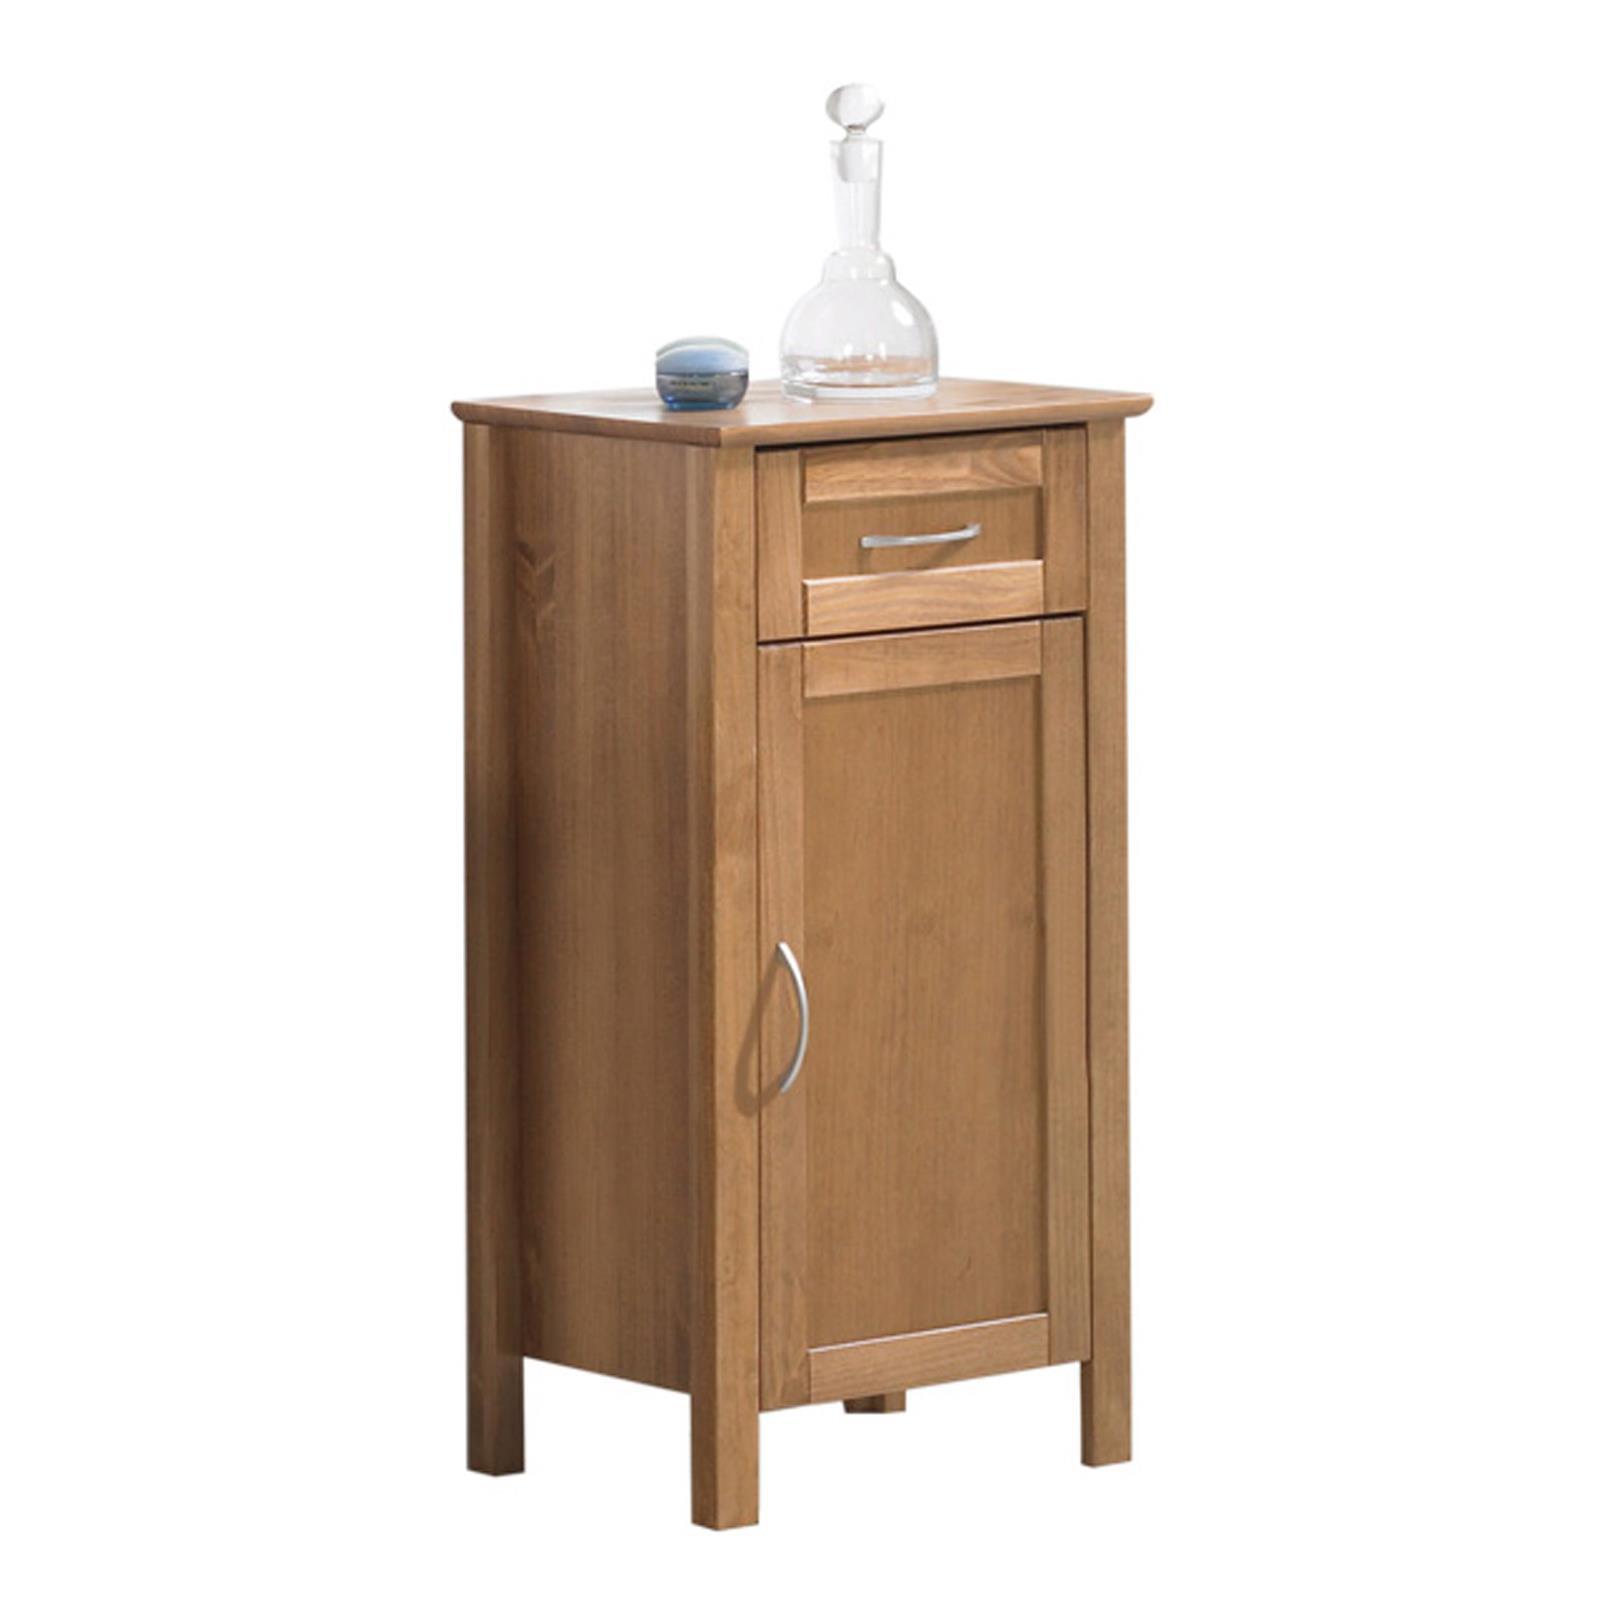 Meuble de salle de bain en pin california coloris cognac - Meuble salle de bain en pin ...